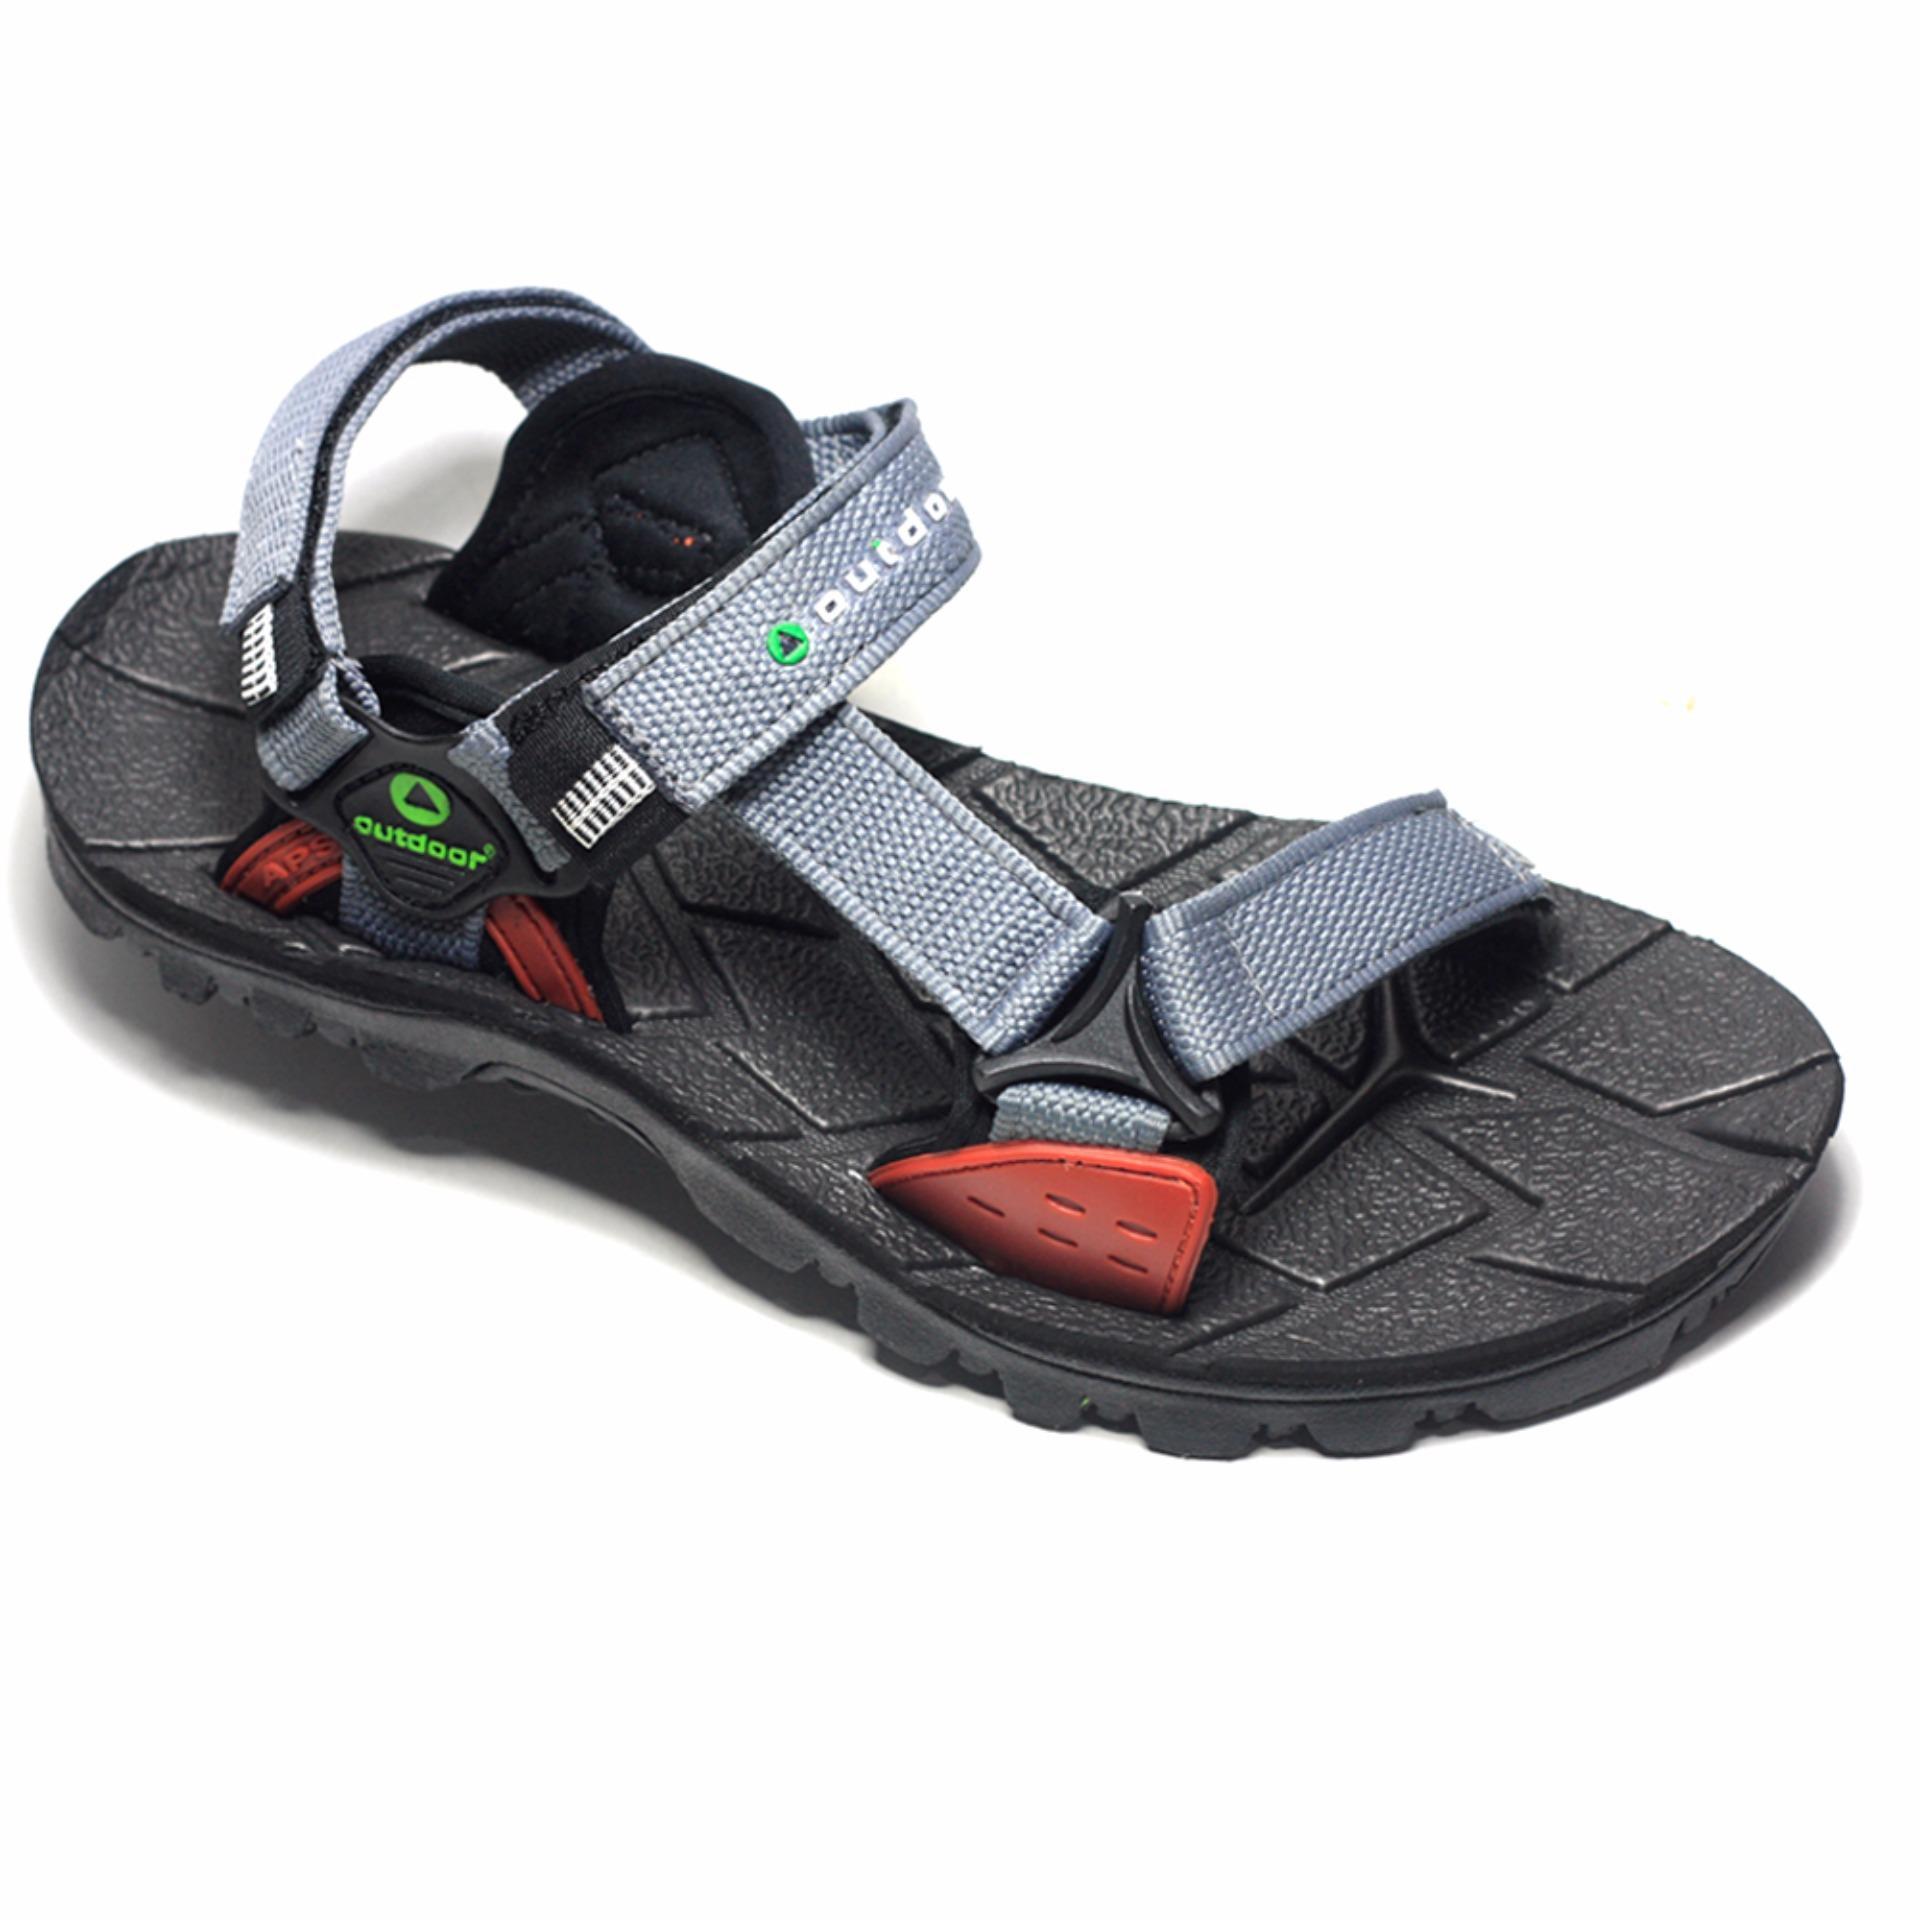 Harga Outdoor Sandal Gunung Magma Grey Sandal Outdoor Pro Sandal Pria Origin